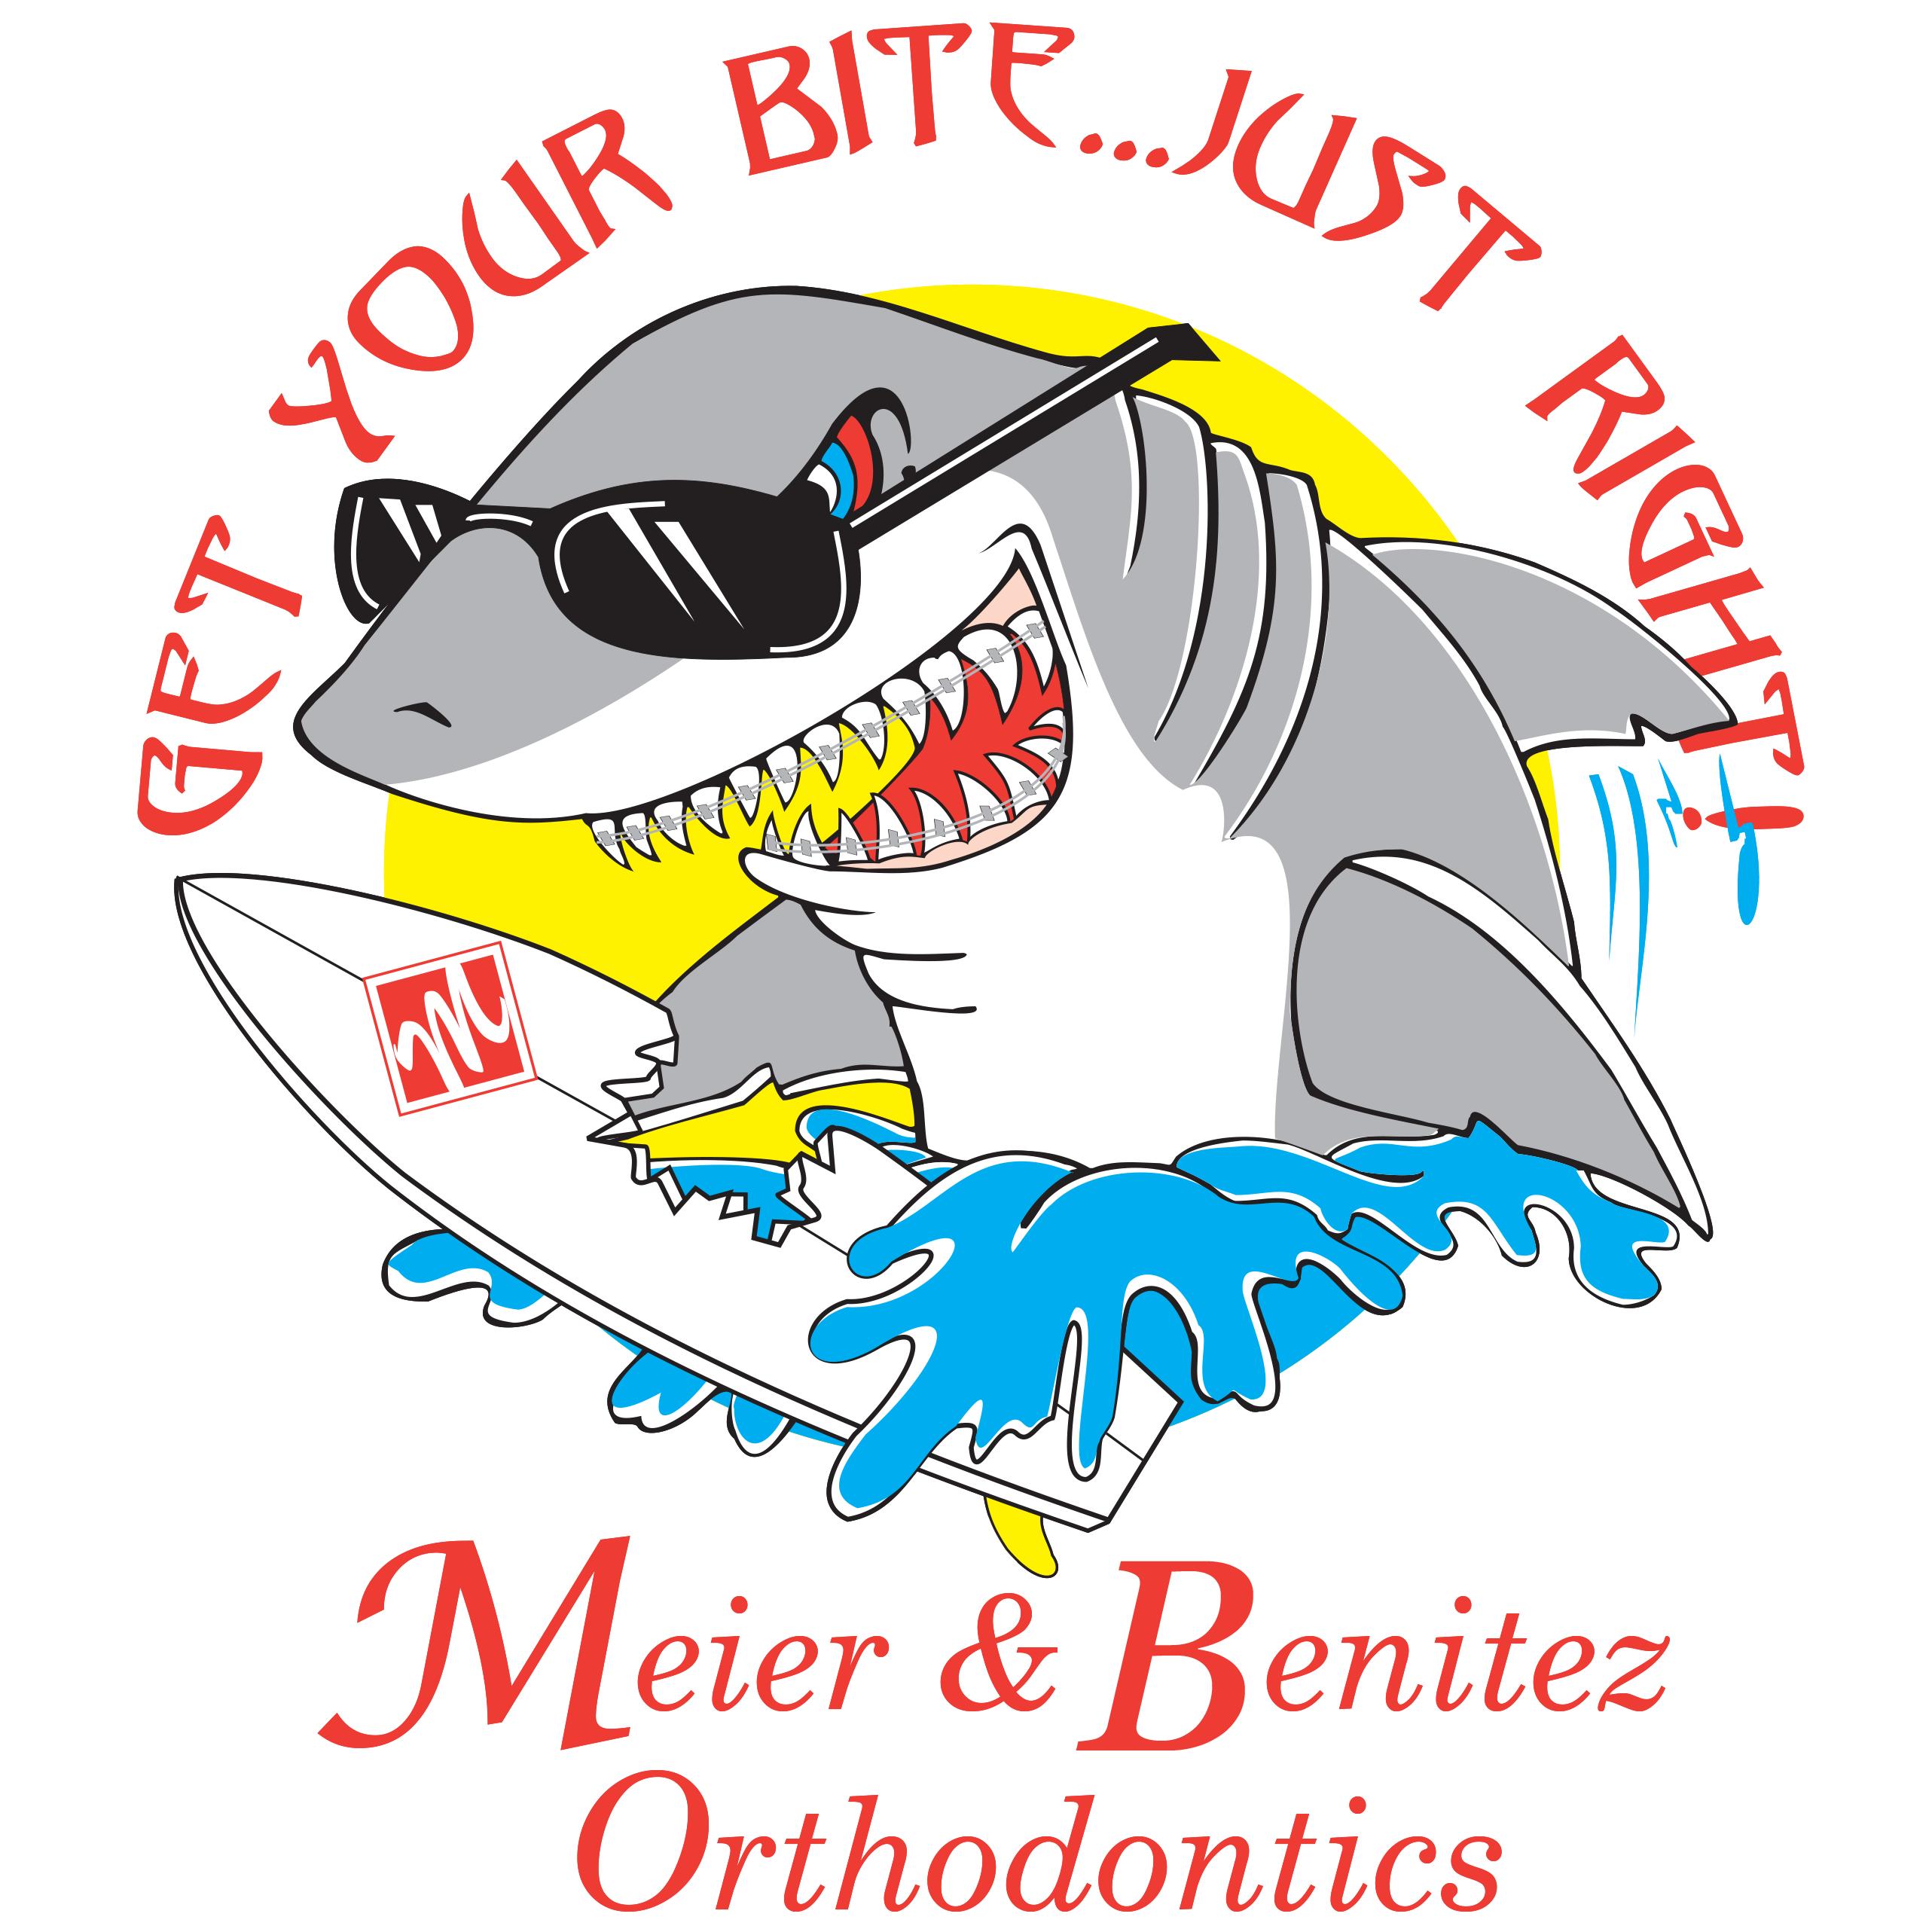 Meier & Benitez Orthodontics image 1